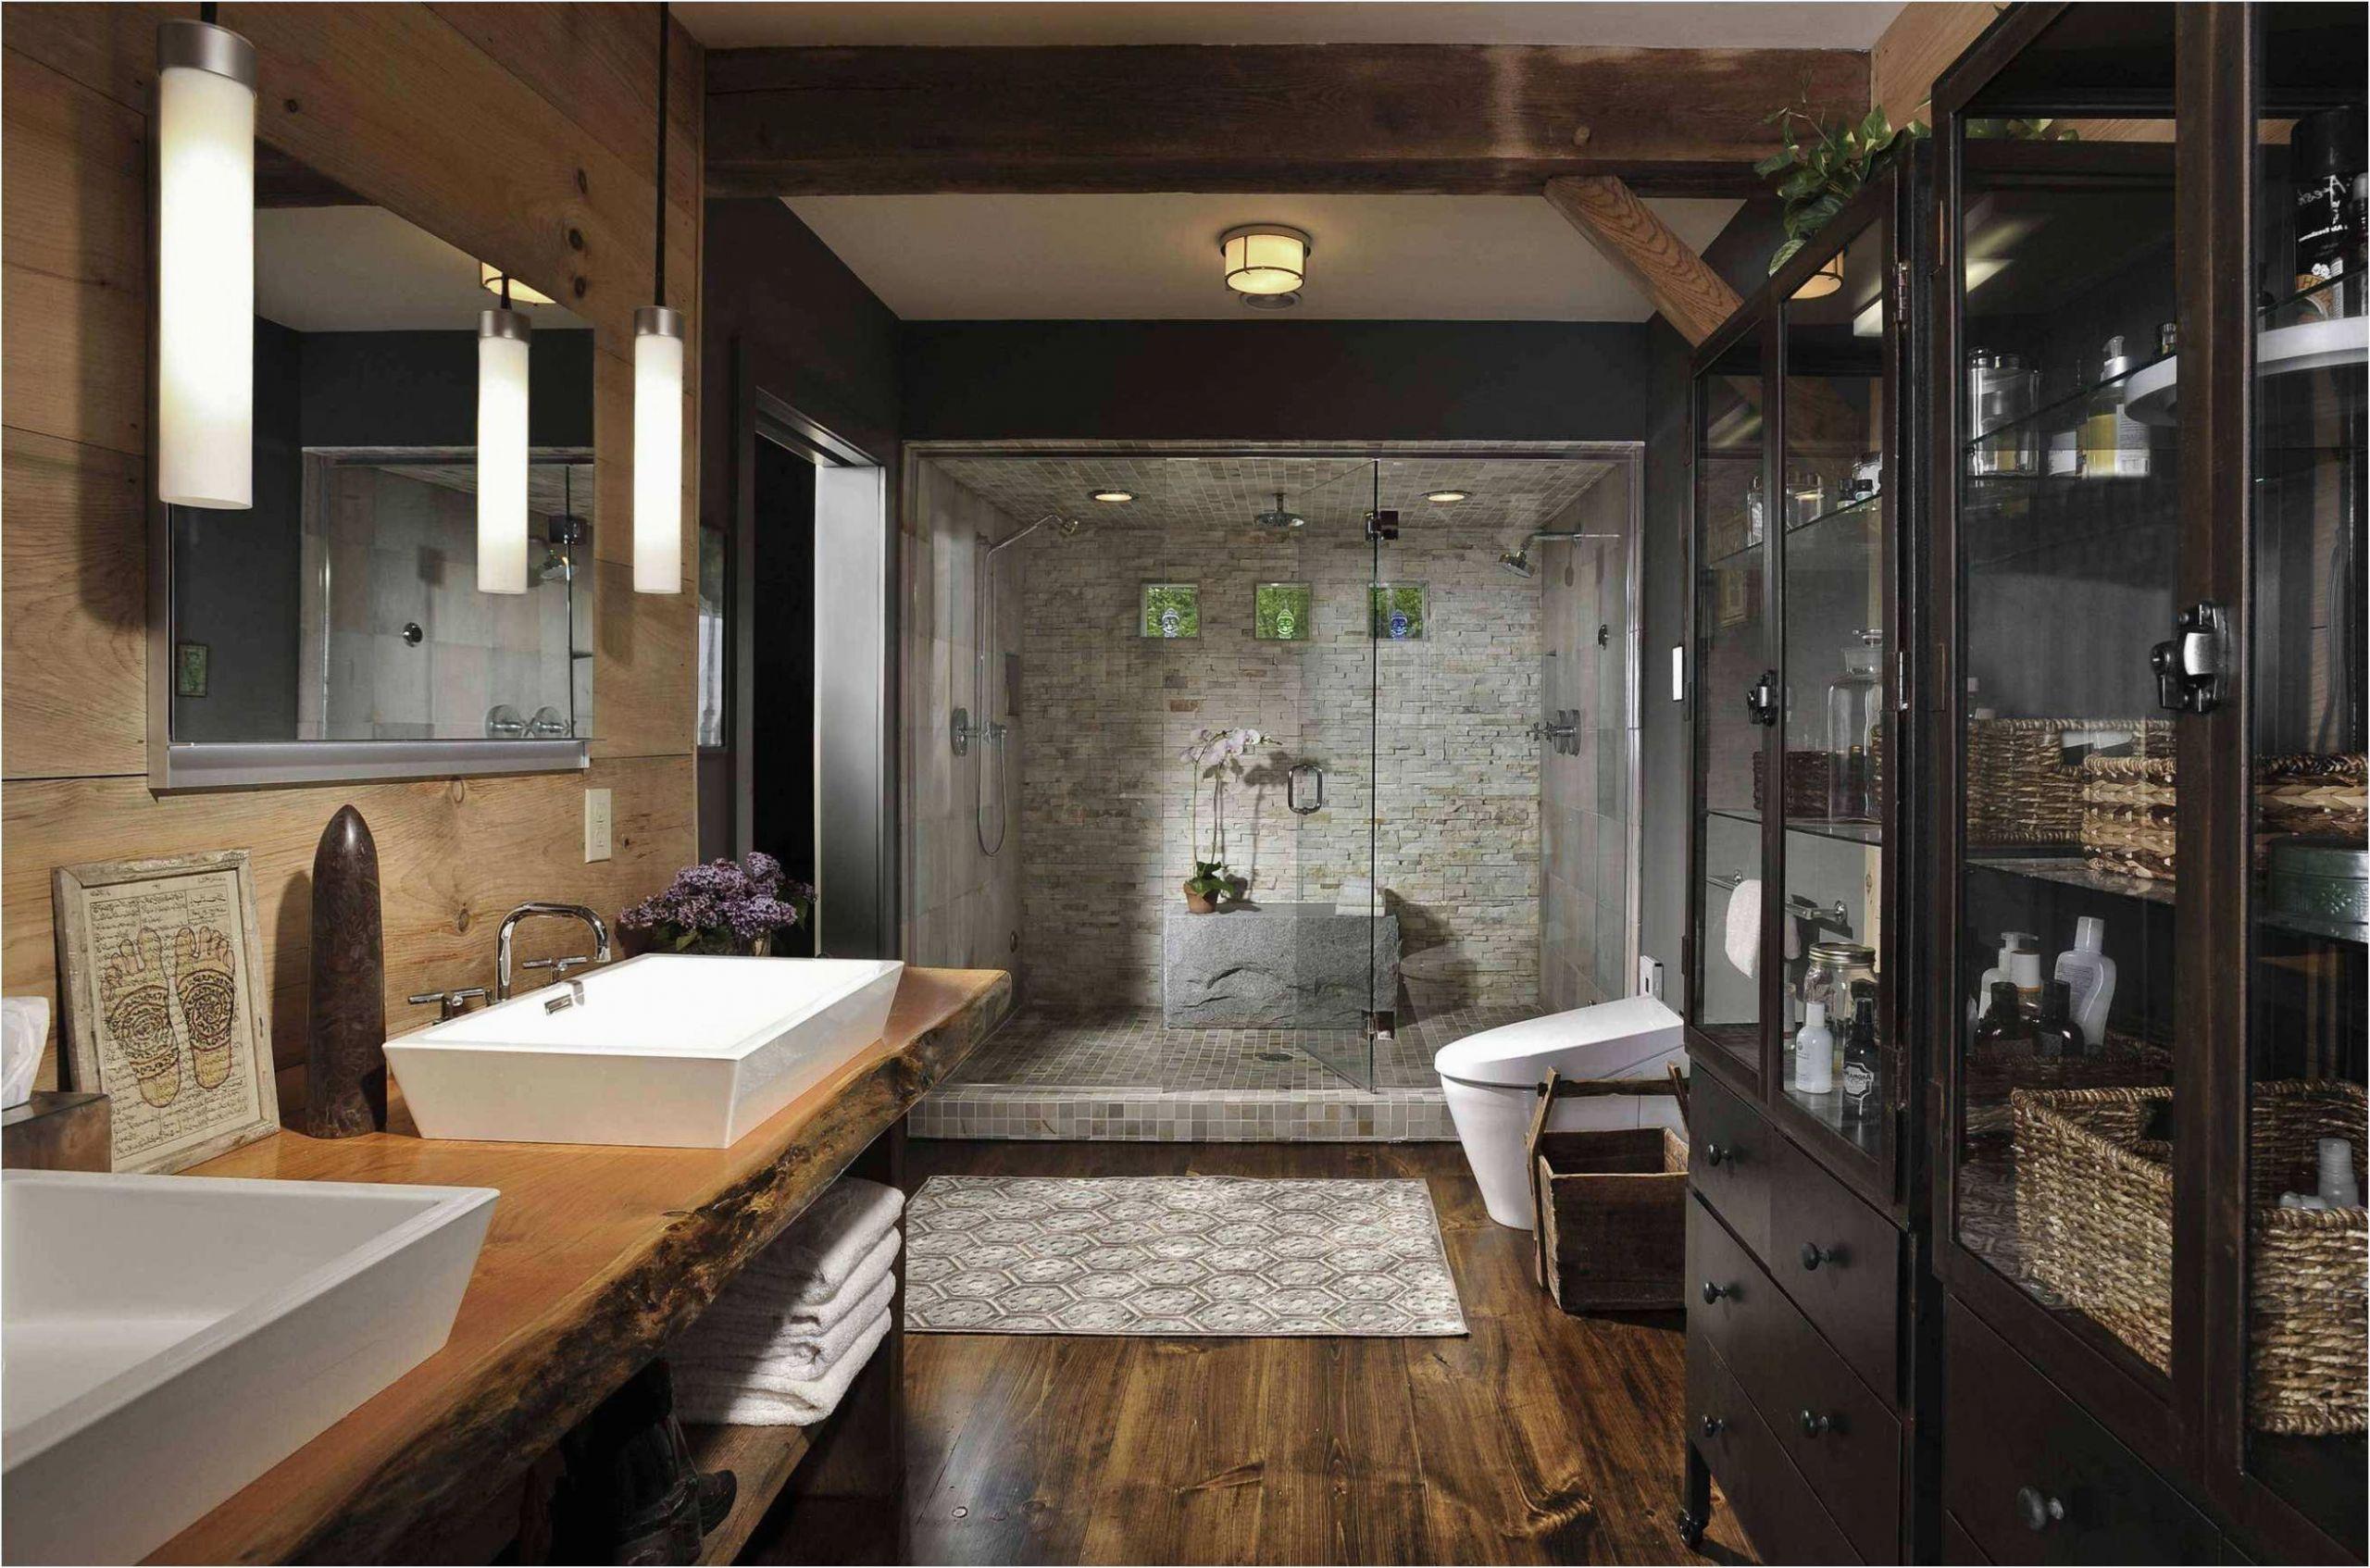 tapeten schlafzimmer schoner wohnen genial bad verschonern ohne richtig zu renovieren temobardz home blog of tapeten schlafzimmer schoner wohnen